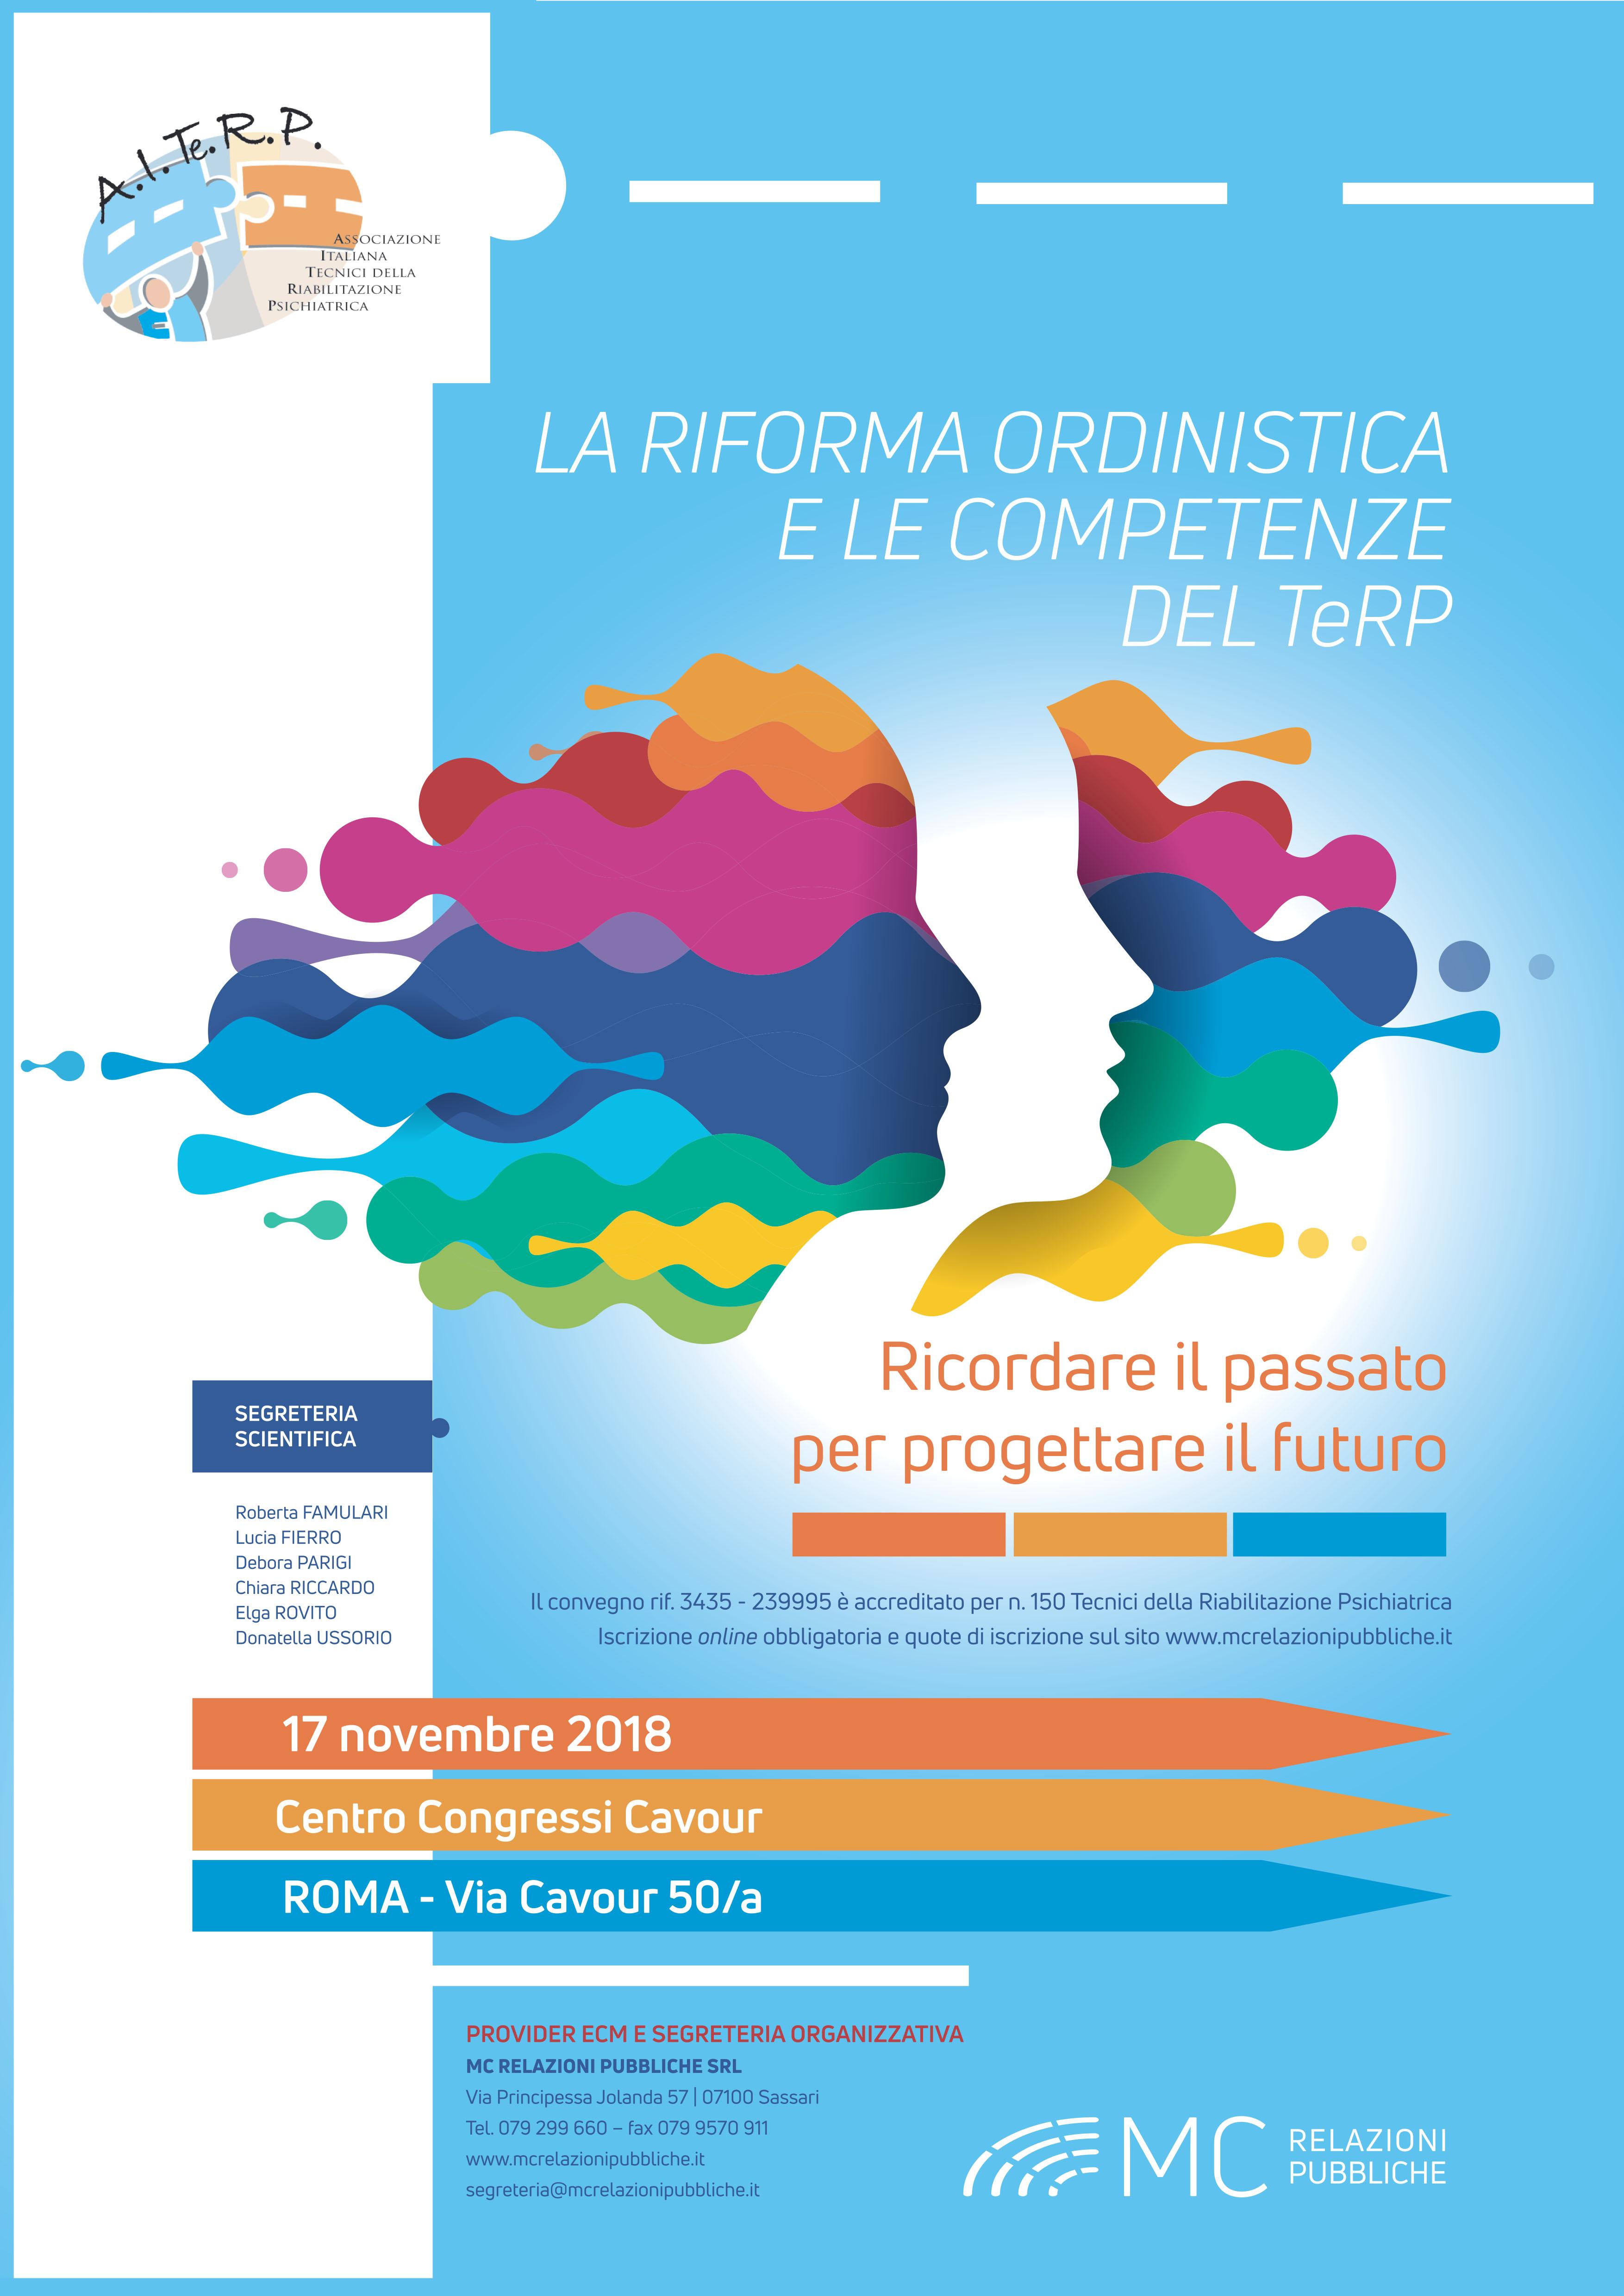 La Riforma Ordinistica e le Competenze del TeRP: ricordare il passato per progettare il futuro